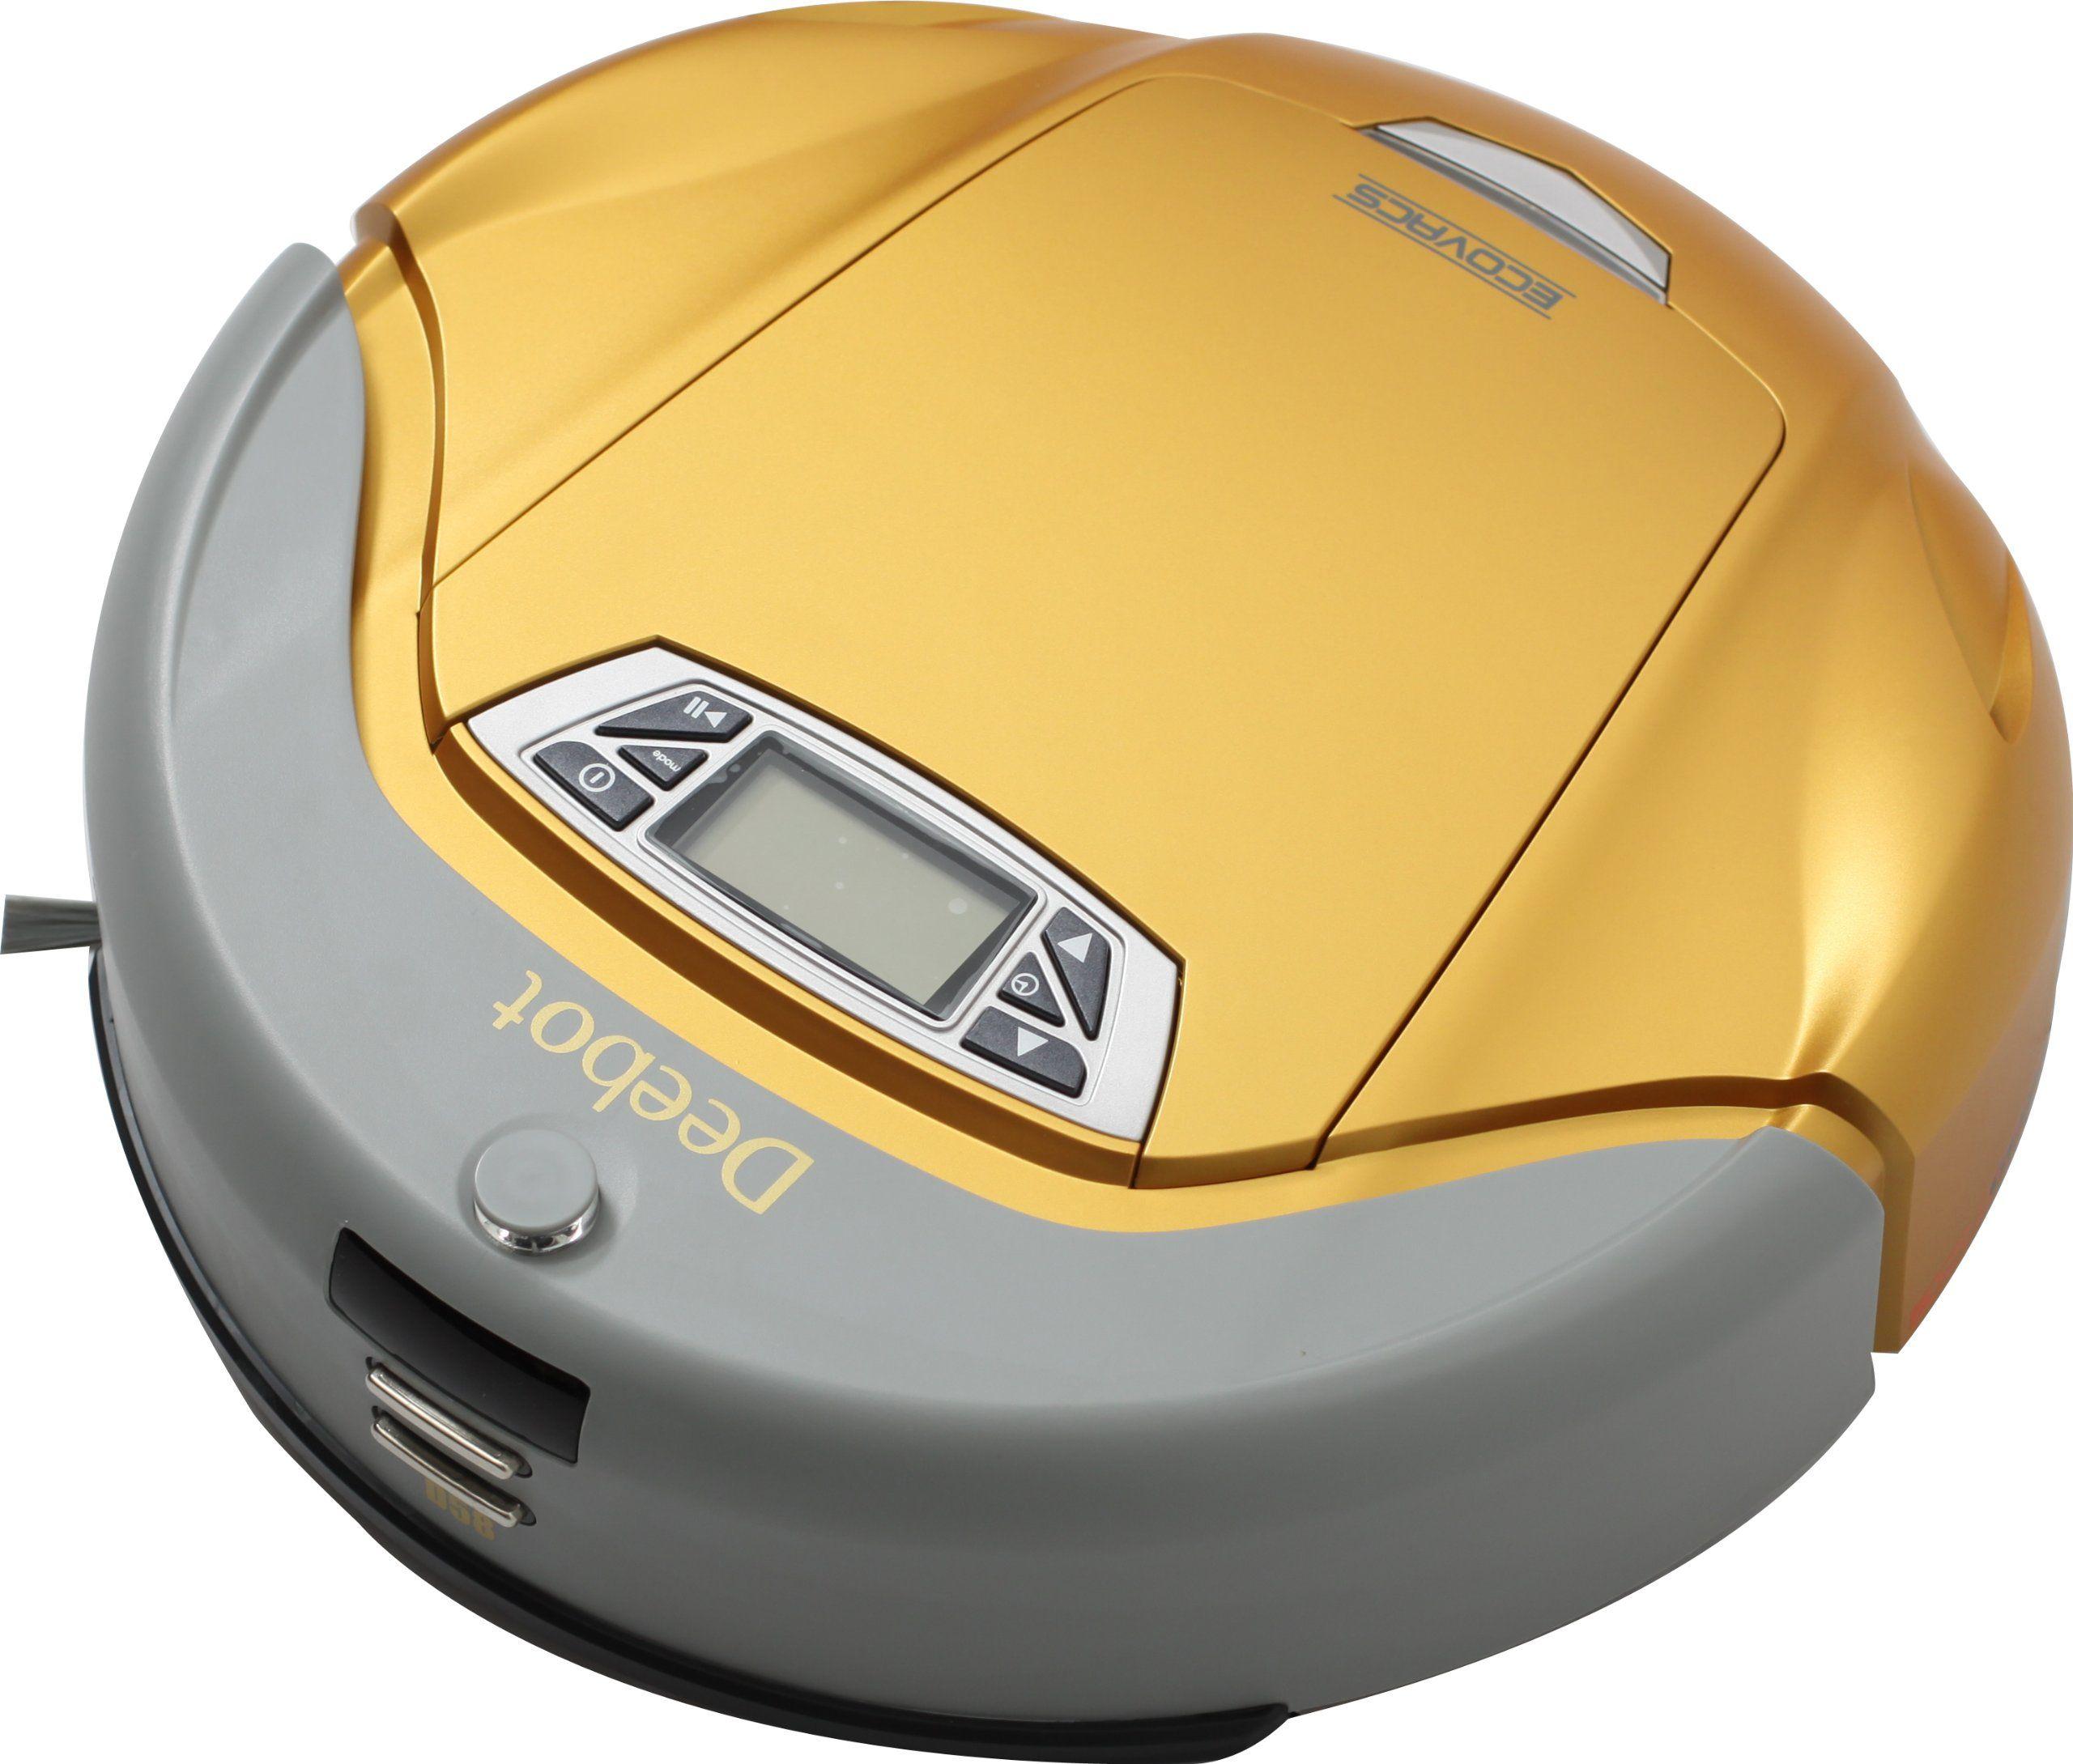 Deebot D58 Roboterstaubsauger, gold: Amazon.de: Küche & Haushalt